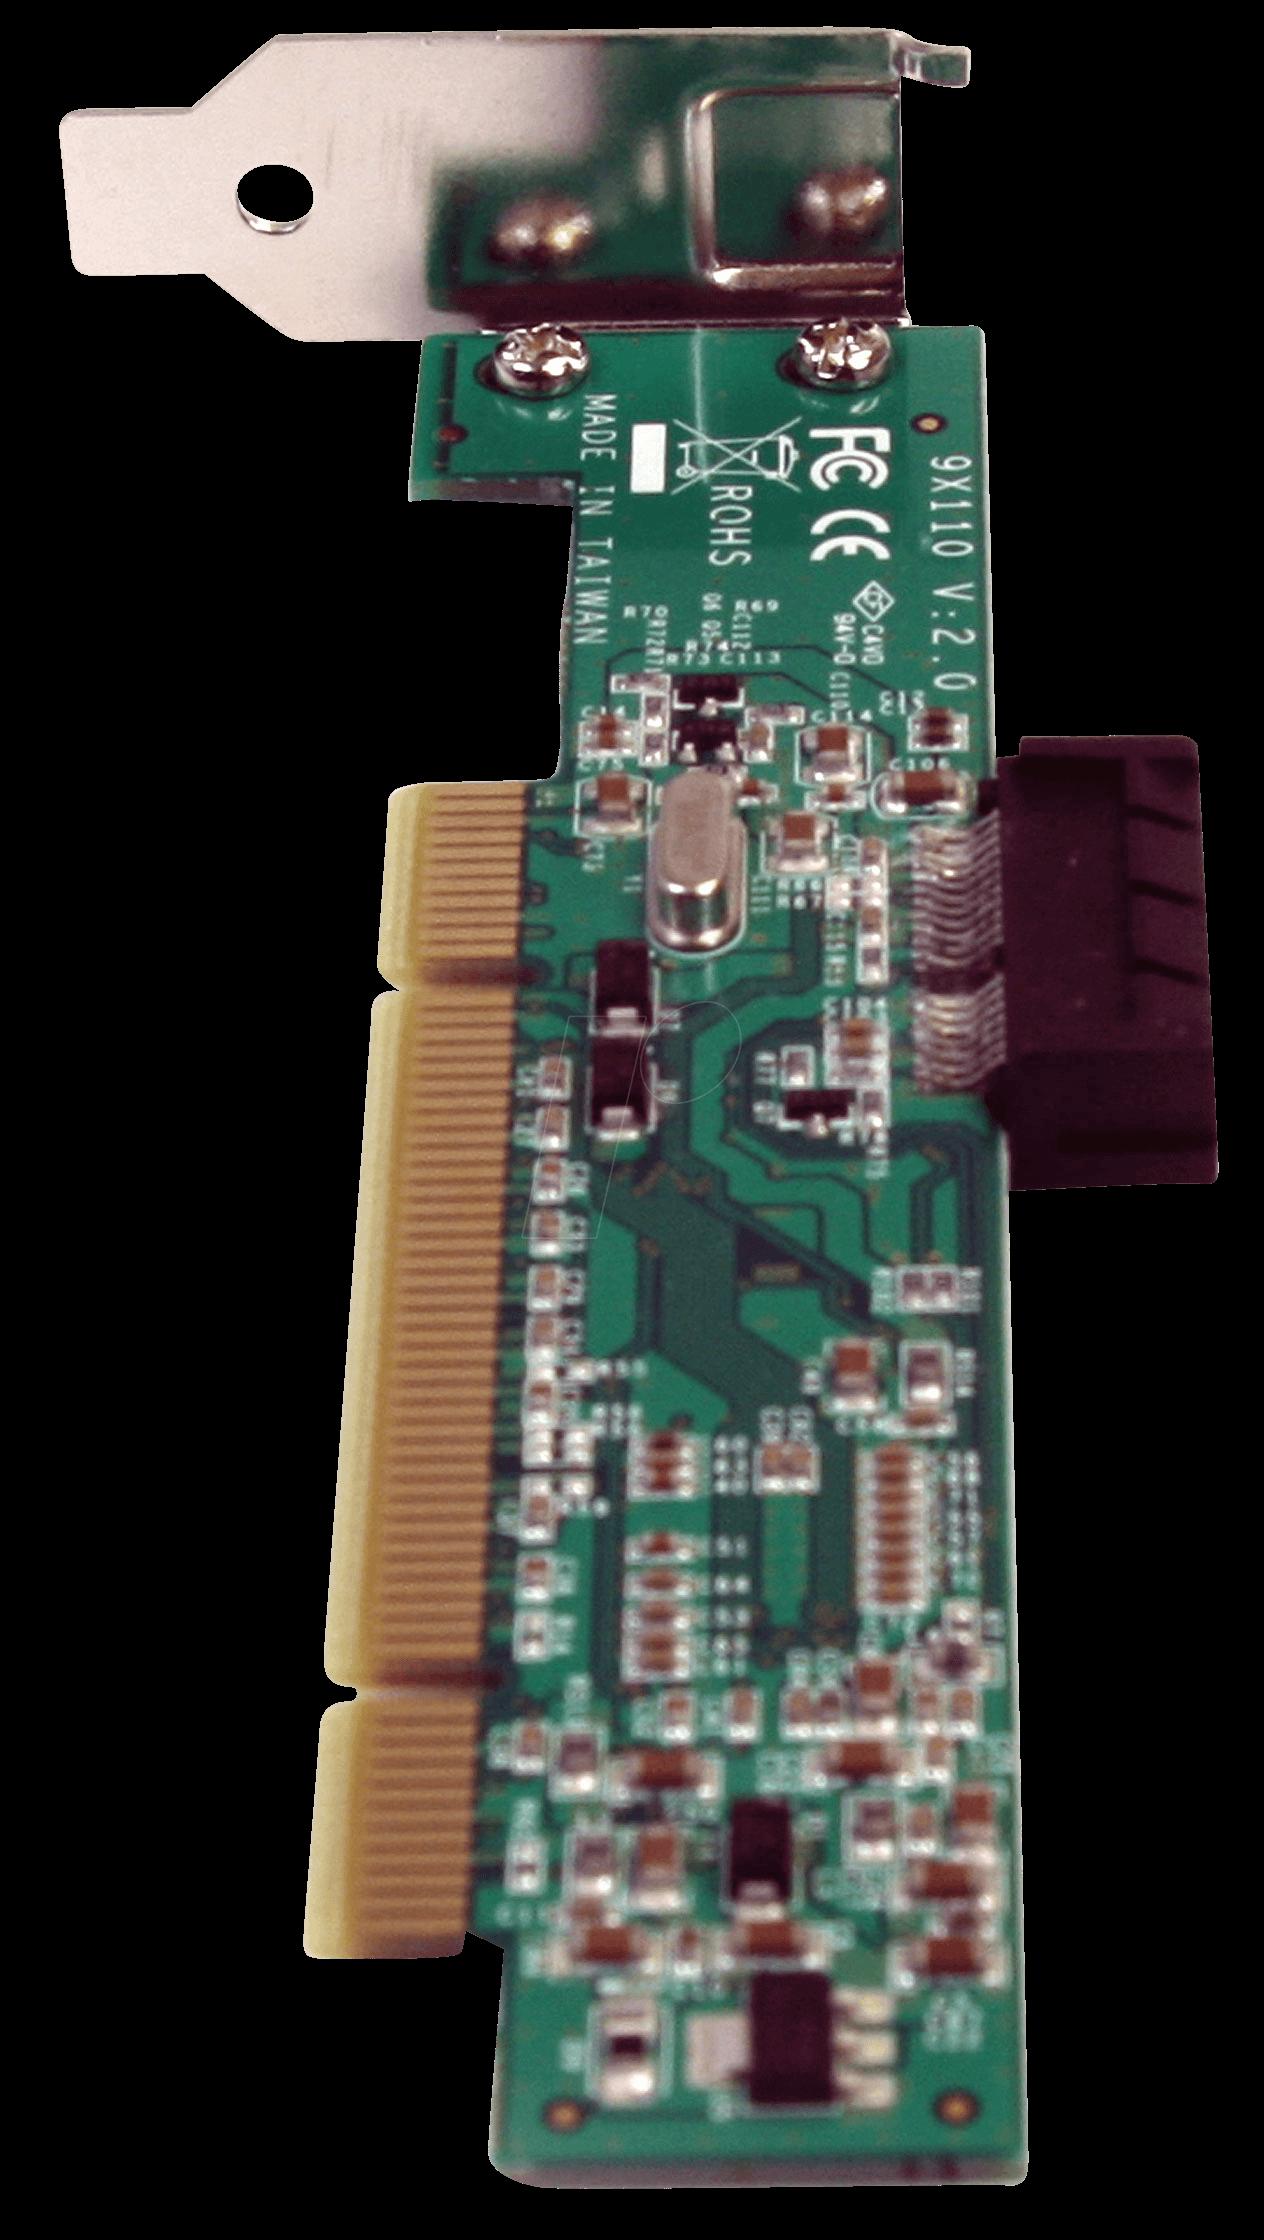 https://cdn-reichelt.de/bilder/web/xxl_ws/E910/PCI1PEX1_04.png